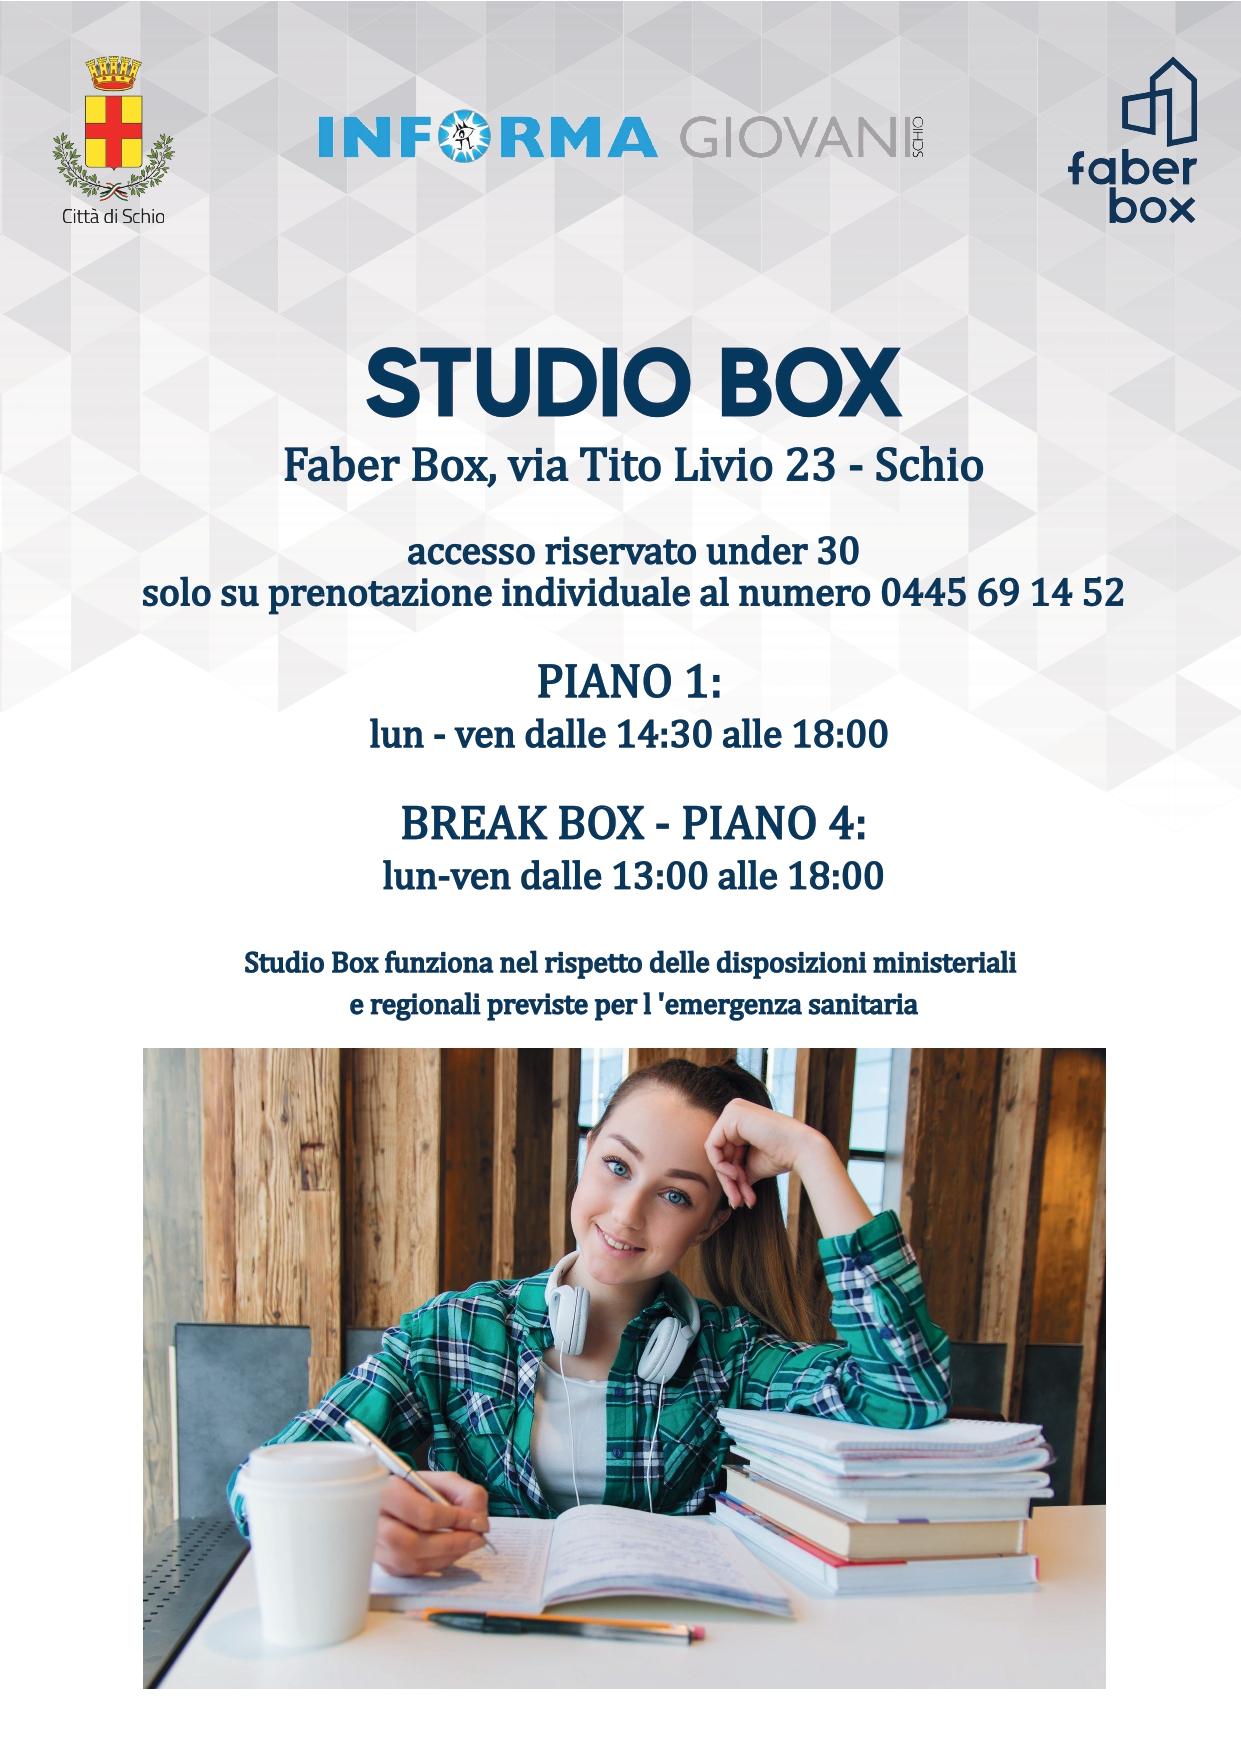 STUDIO BOX e BREAK BOX (spazio dedicato allo studio degli under 30)